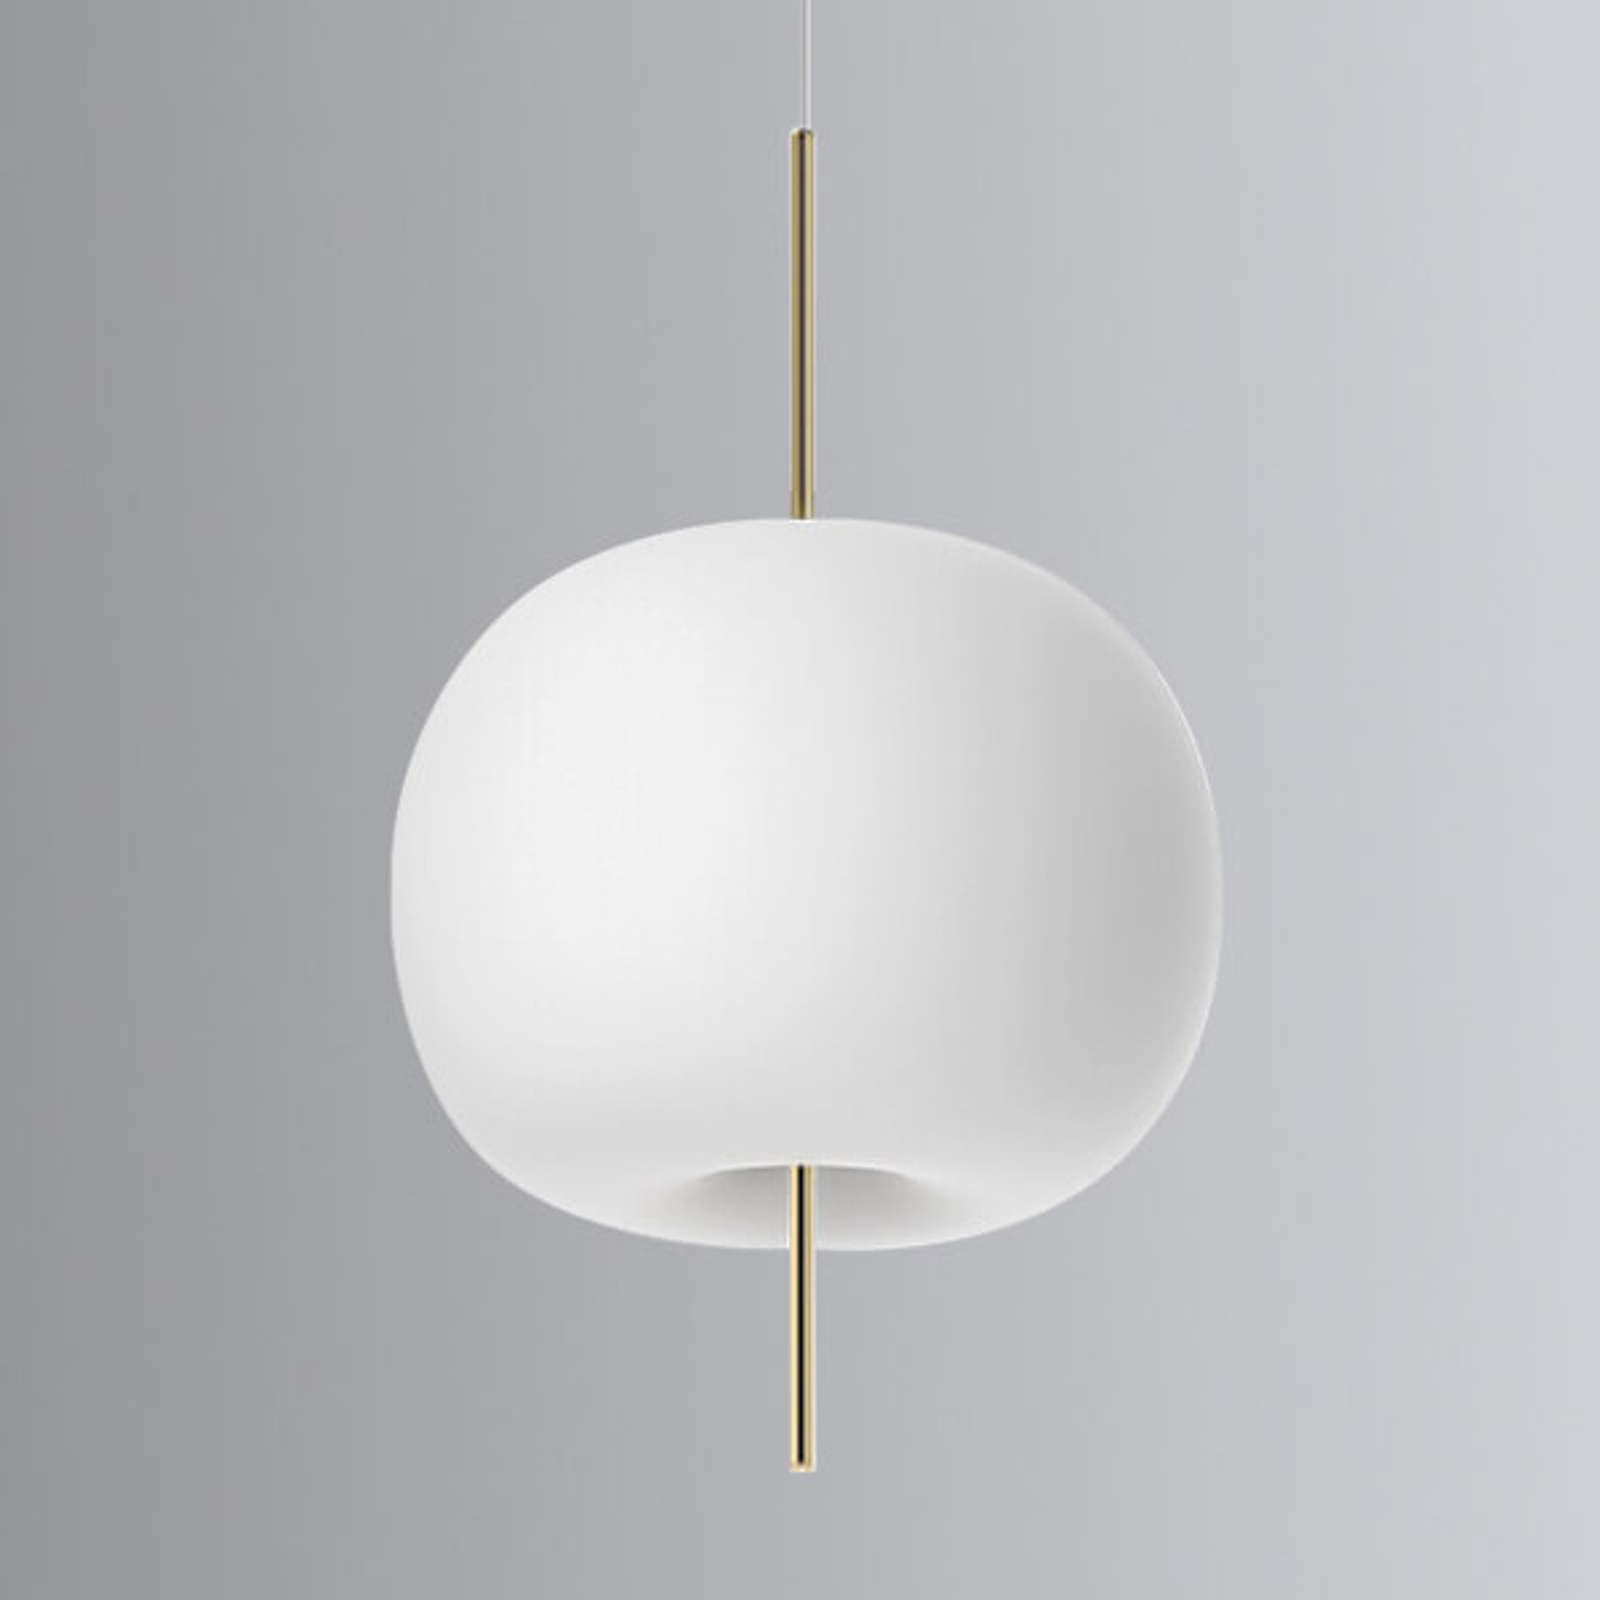 Kundalini Kushi - LED-riippuvalo messinki 33cm